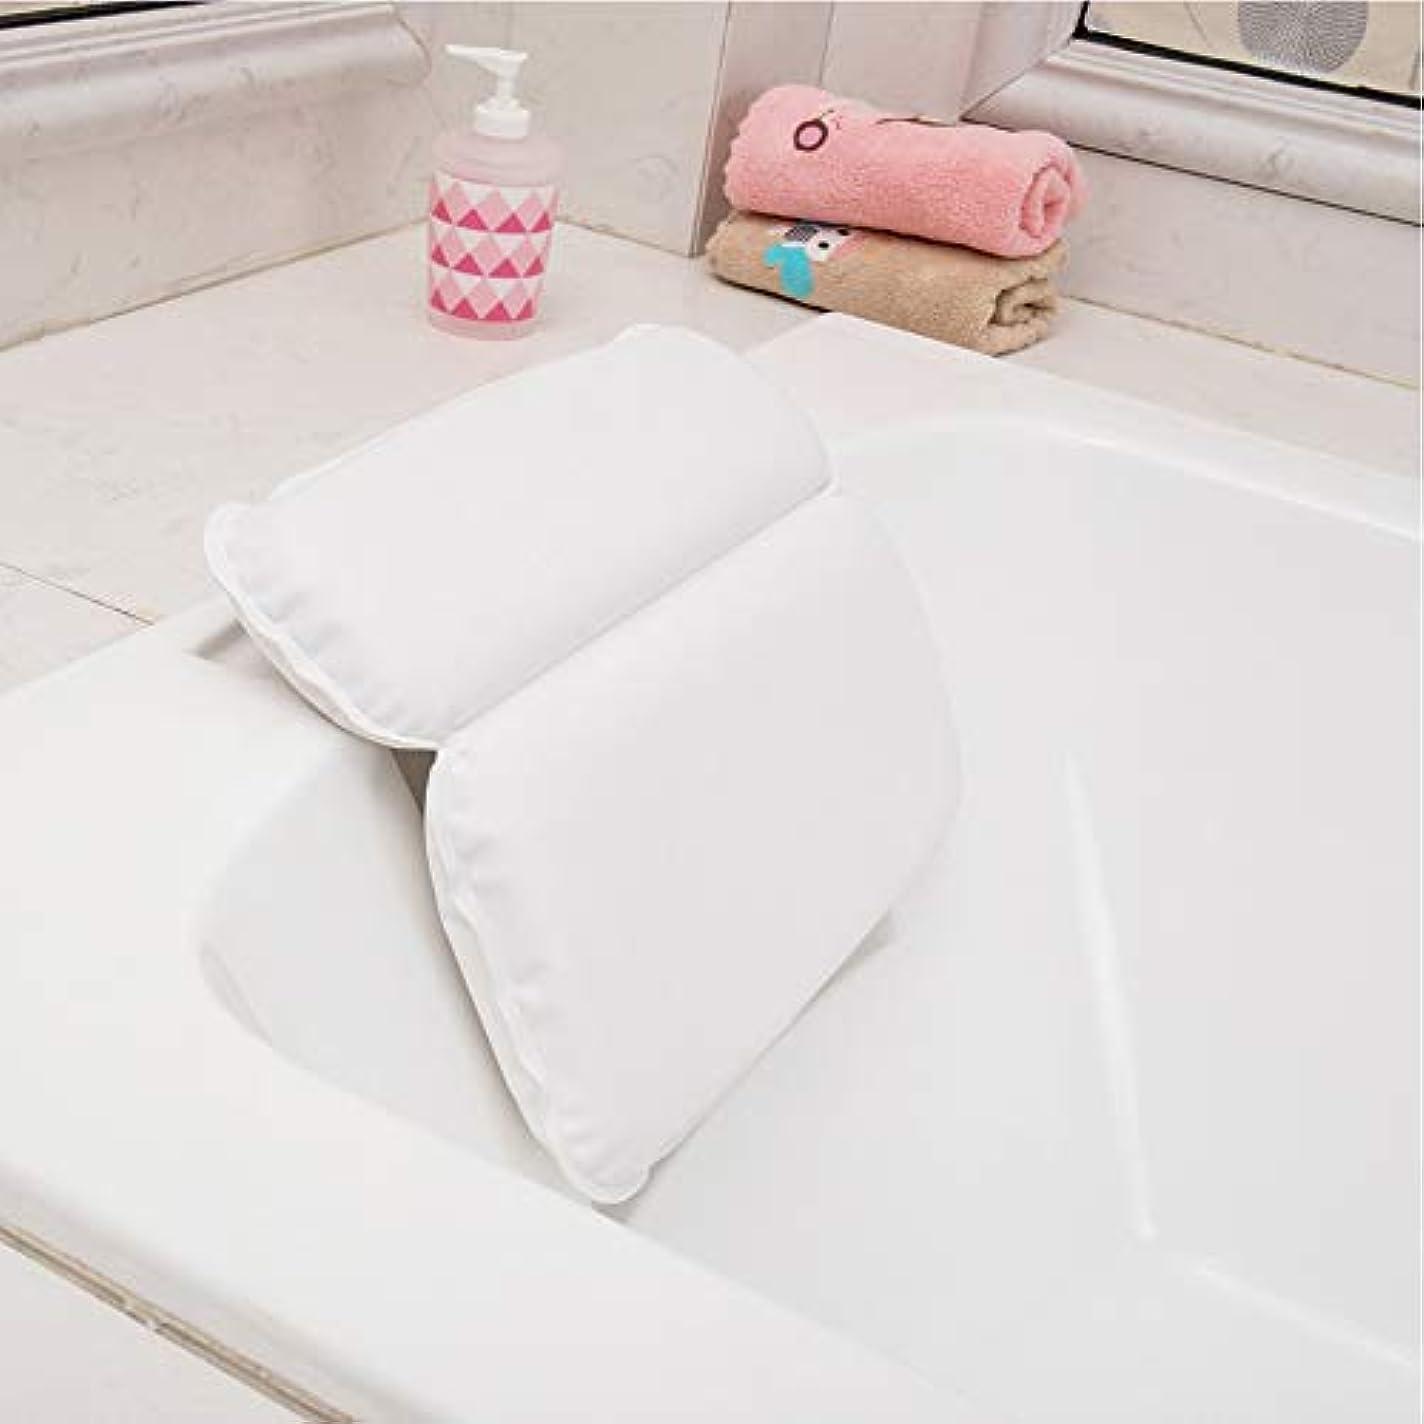 エンティティ先住民徴収ACHICOO 浴室枕 ヘッドレスト 吸盤付き 防水 浴室SPA マッサージ バスルーム お風呂